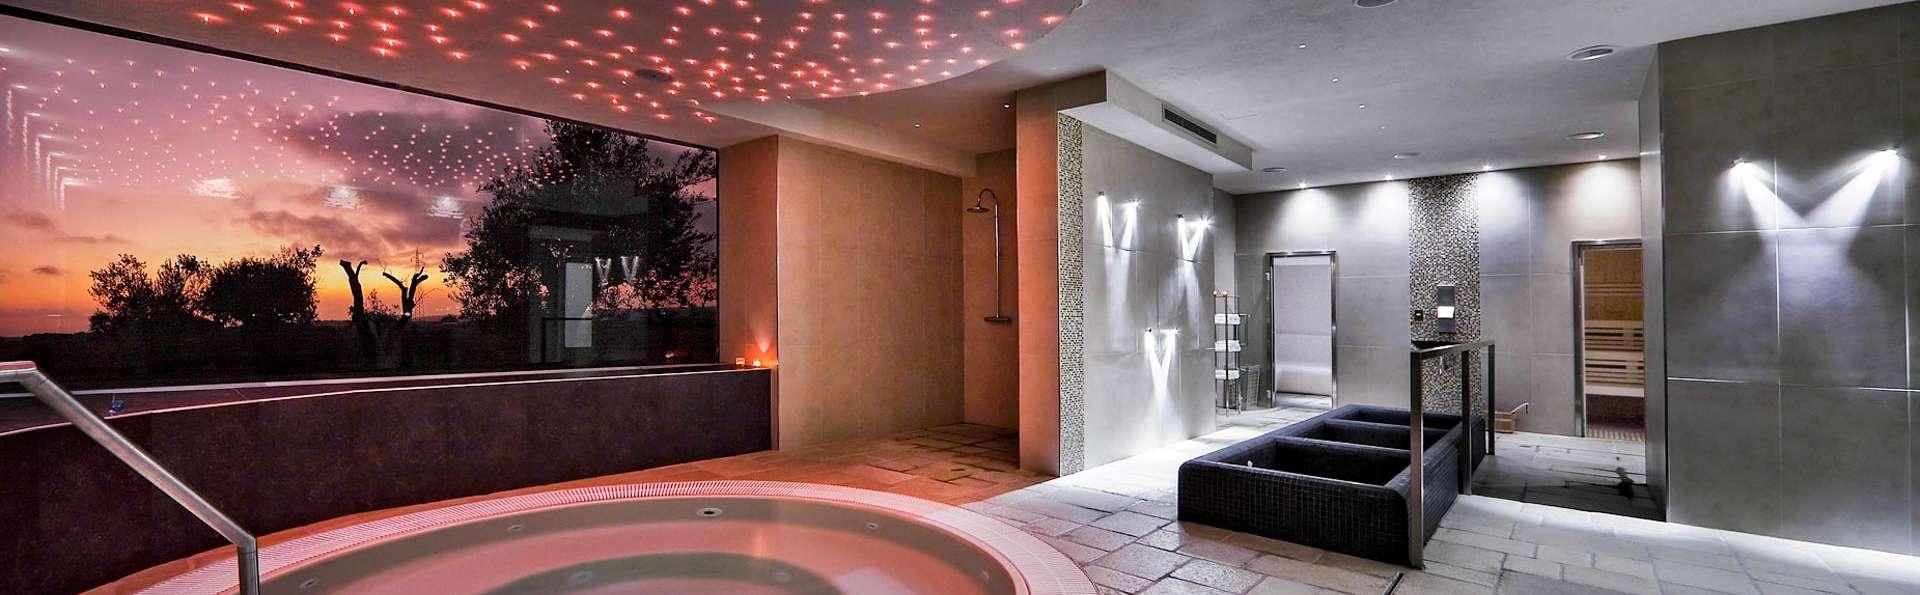 Offre à ne pas manquer : aux portes de Ragusa avec SPA, massage pour deux et diner